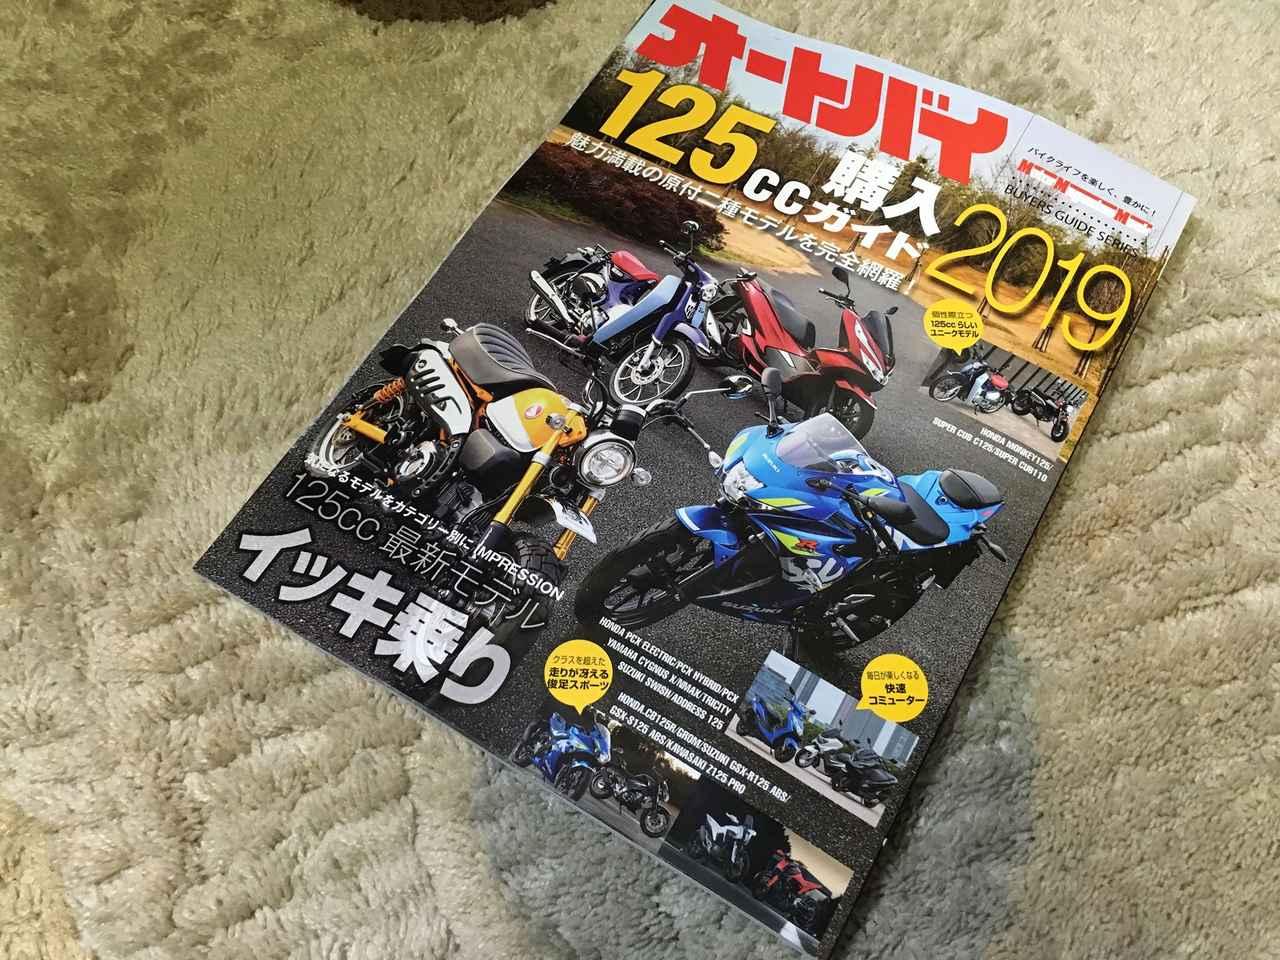 画像: A4変形/平綴じのオールカラー総124ページです1185円+税 書店でお求めください https://www.motormagazine.co.jp/shop/products/detail.php?product_id=1033 ←こちらでもお求めいただけます